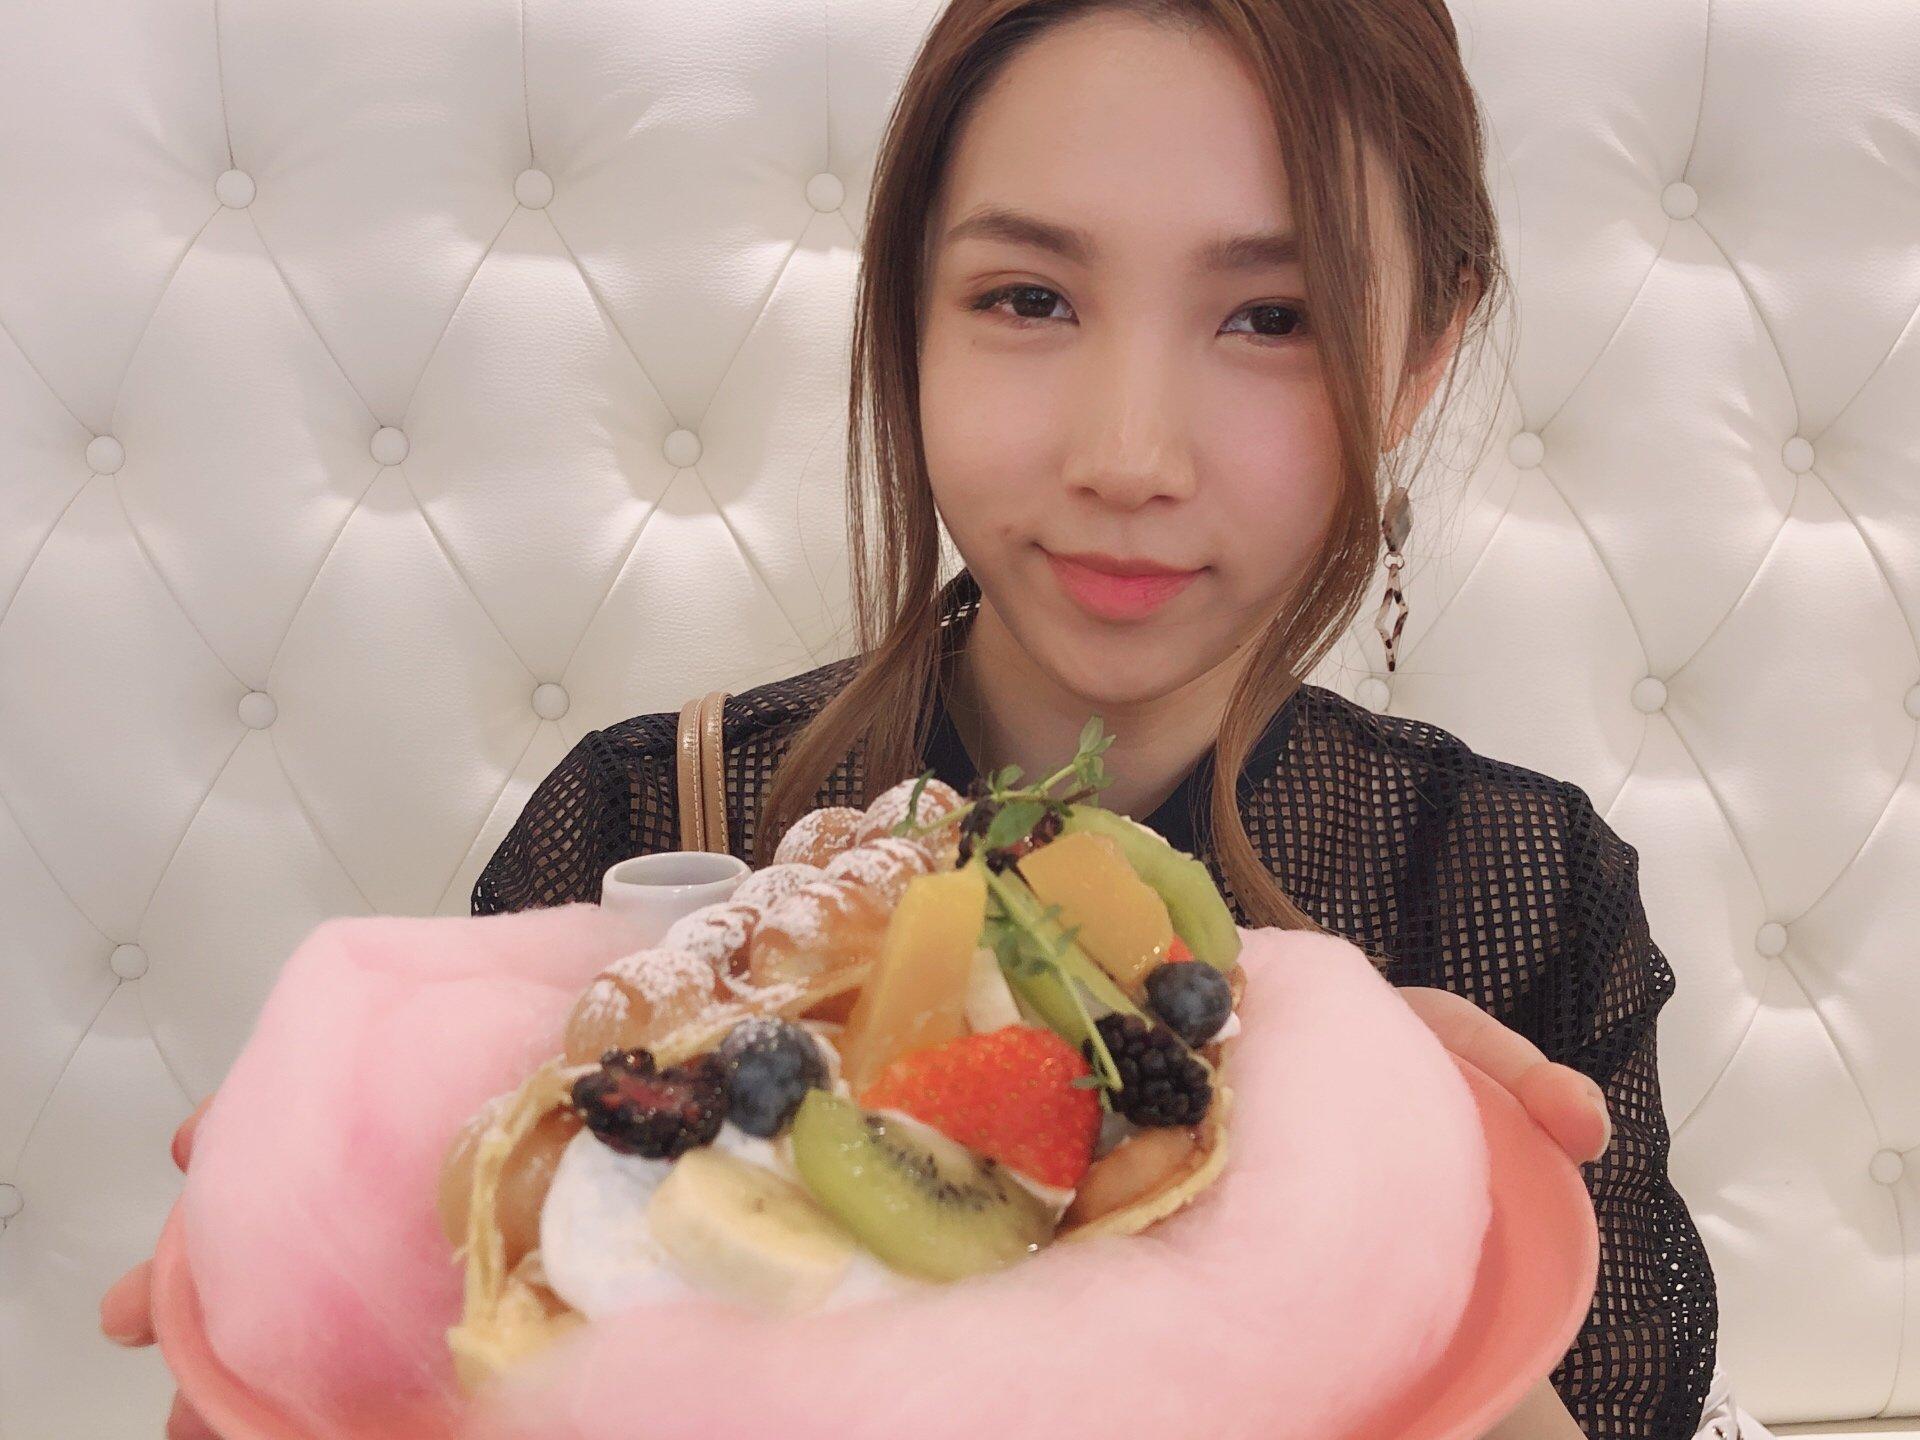 新大久保ゆめかわスイーツ⁉︎韓国アイドル・ジェジュンのカフェ「カフェドケイブ」